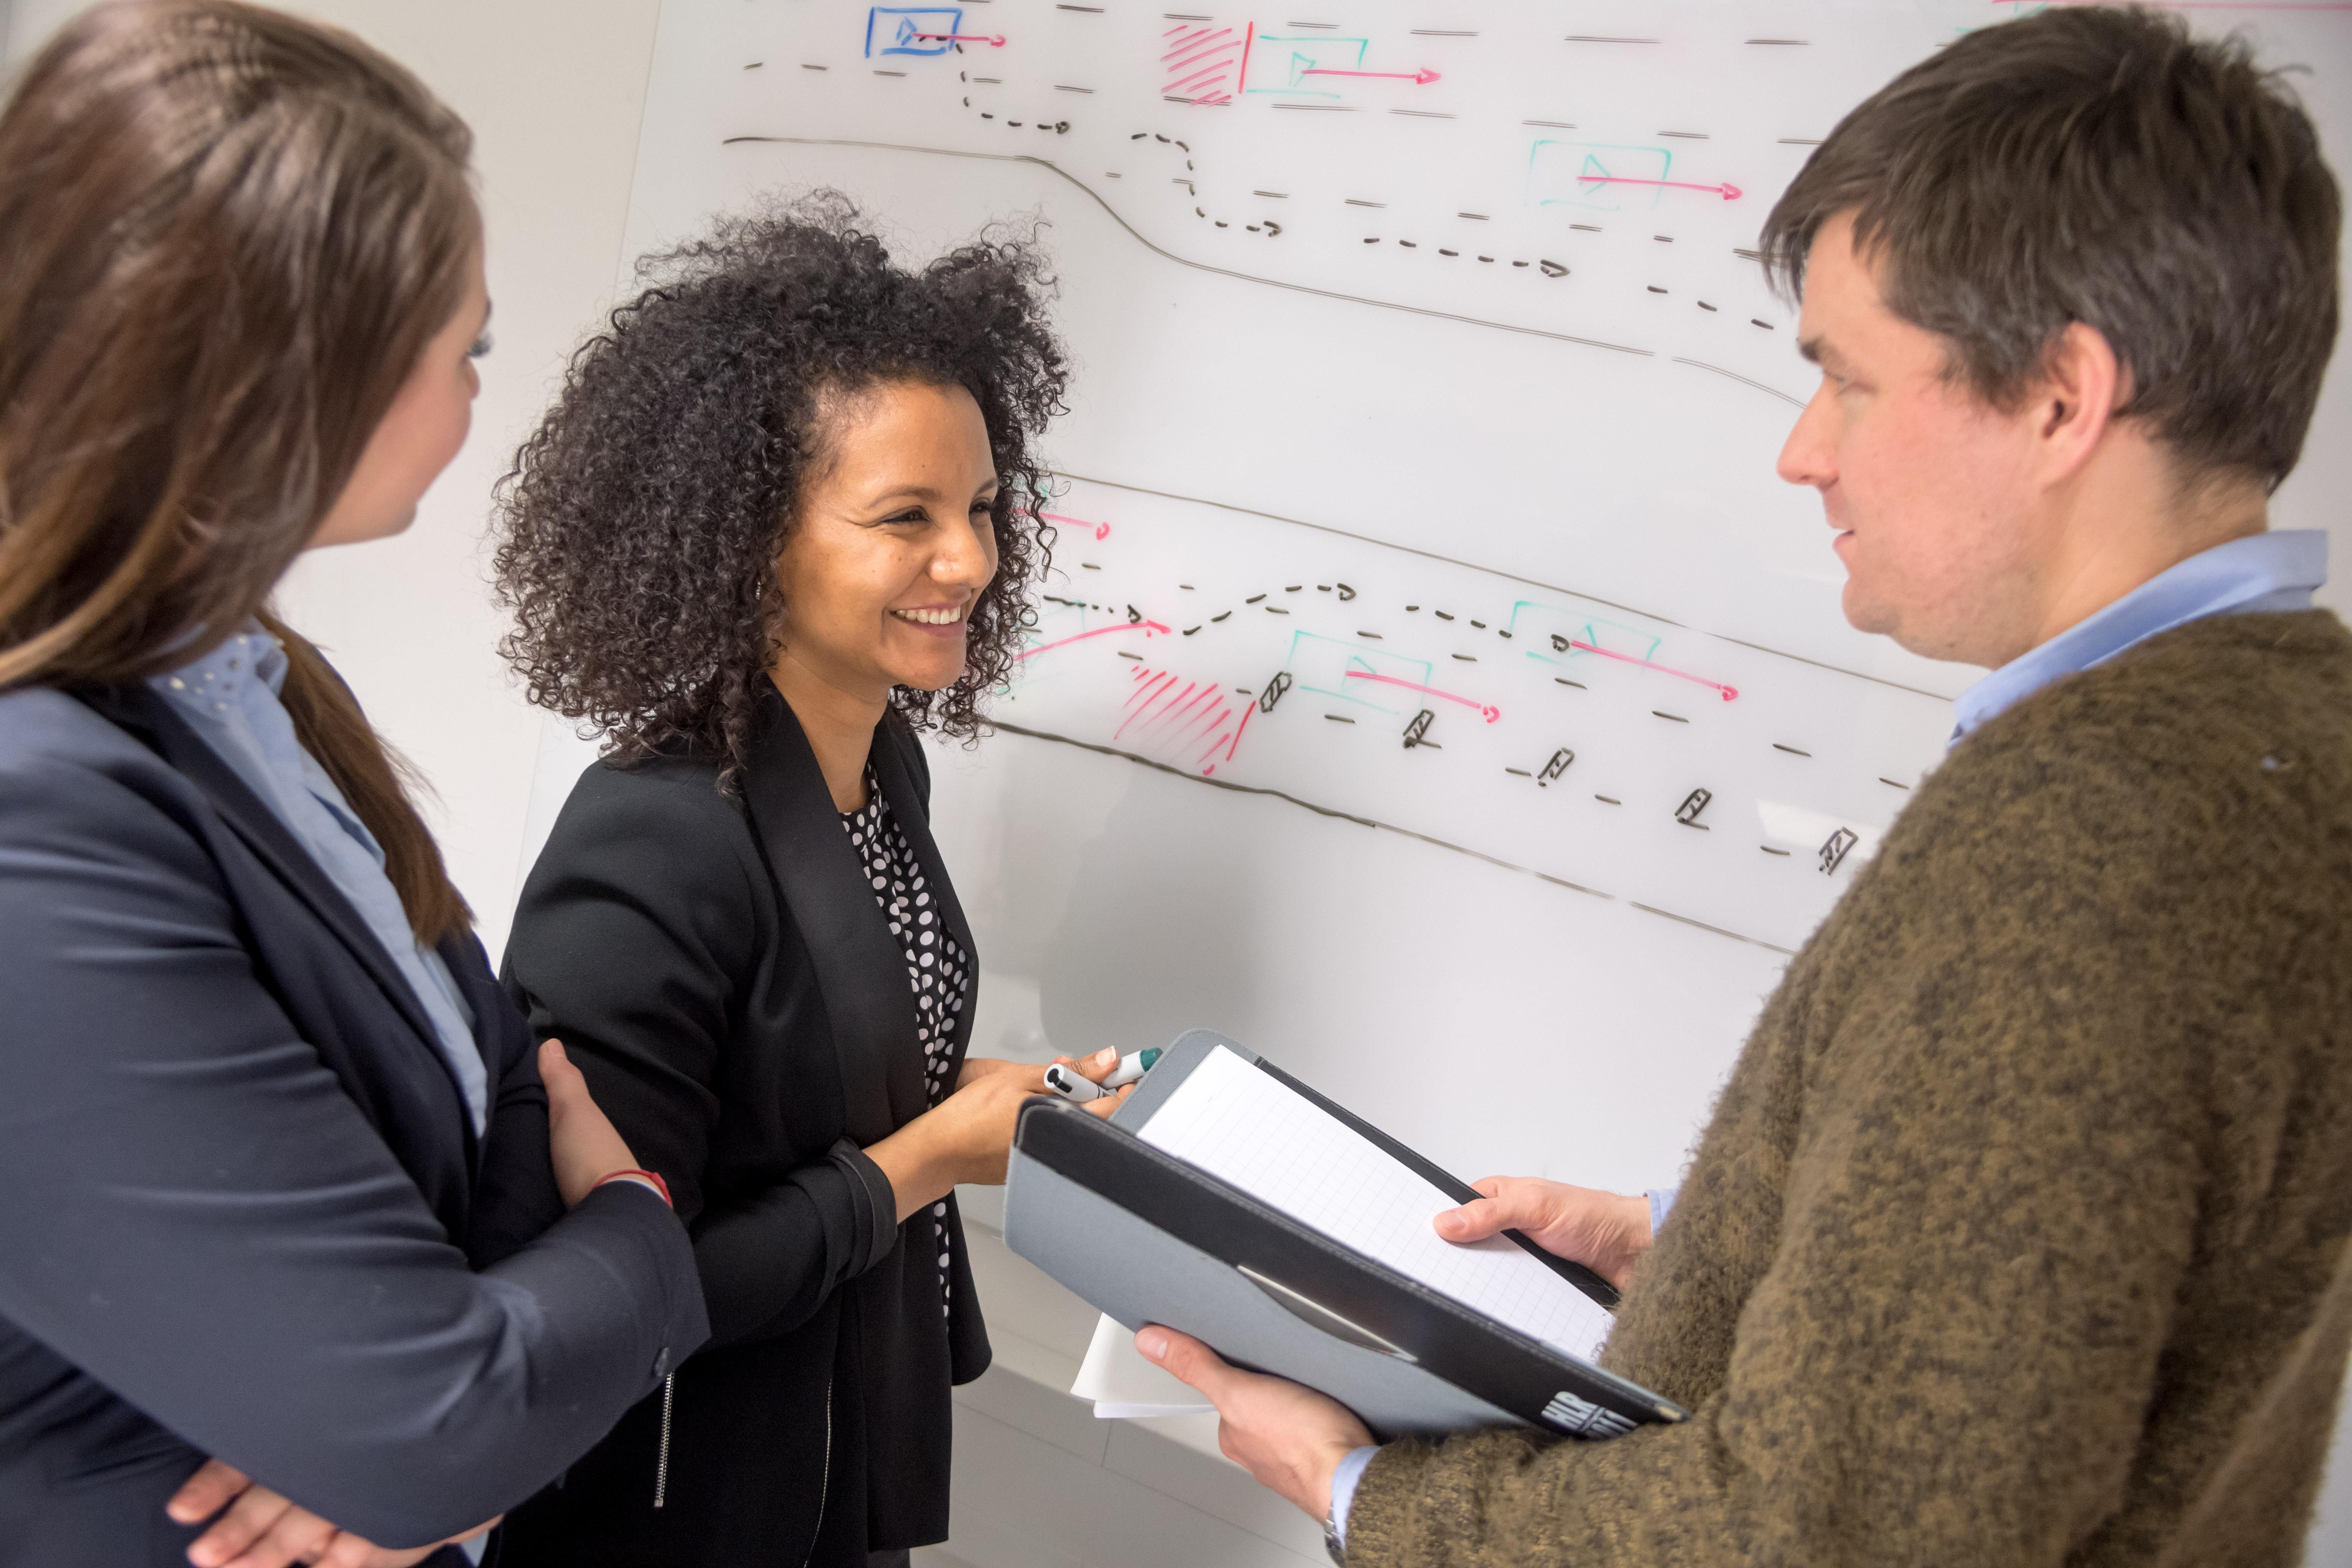 Počet zamestnancov: pokračujúci dopyt po odborníkoch z oblasti IT a softvéru